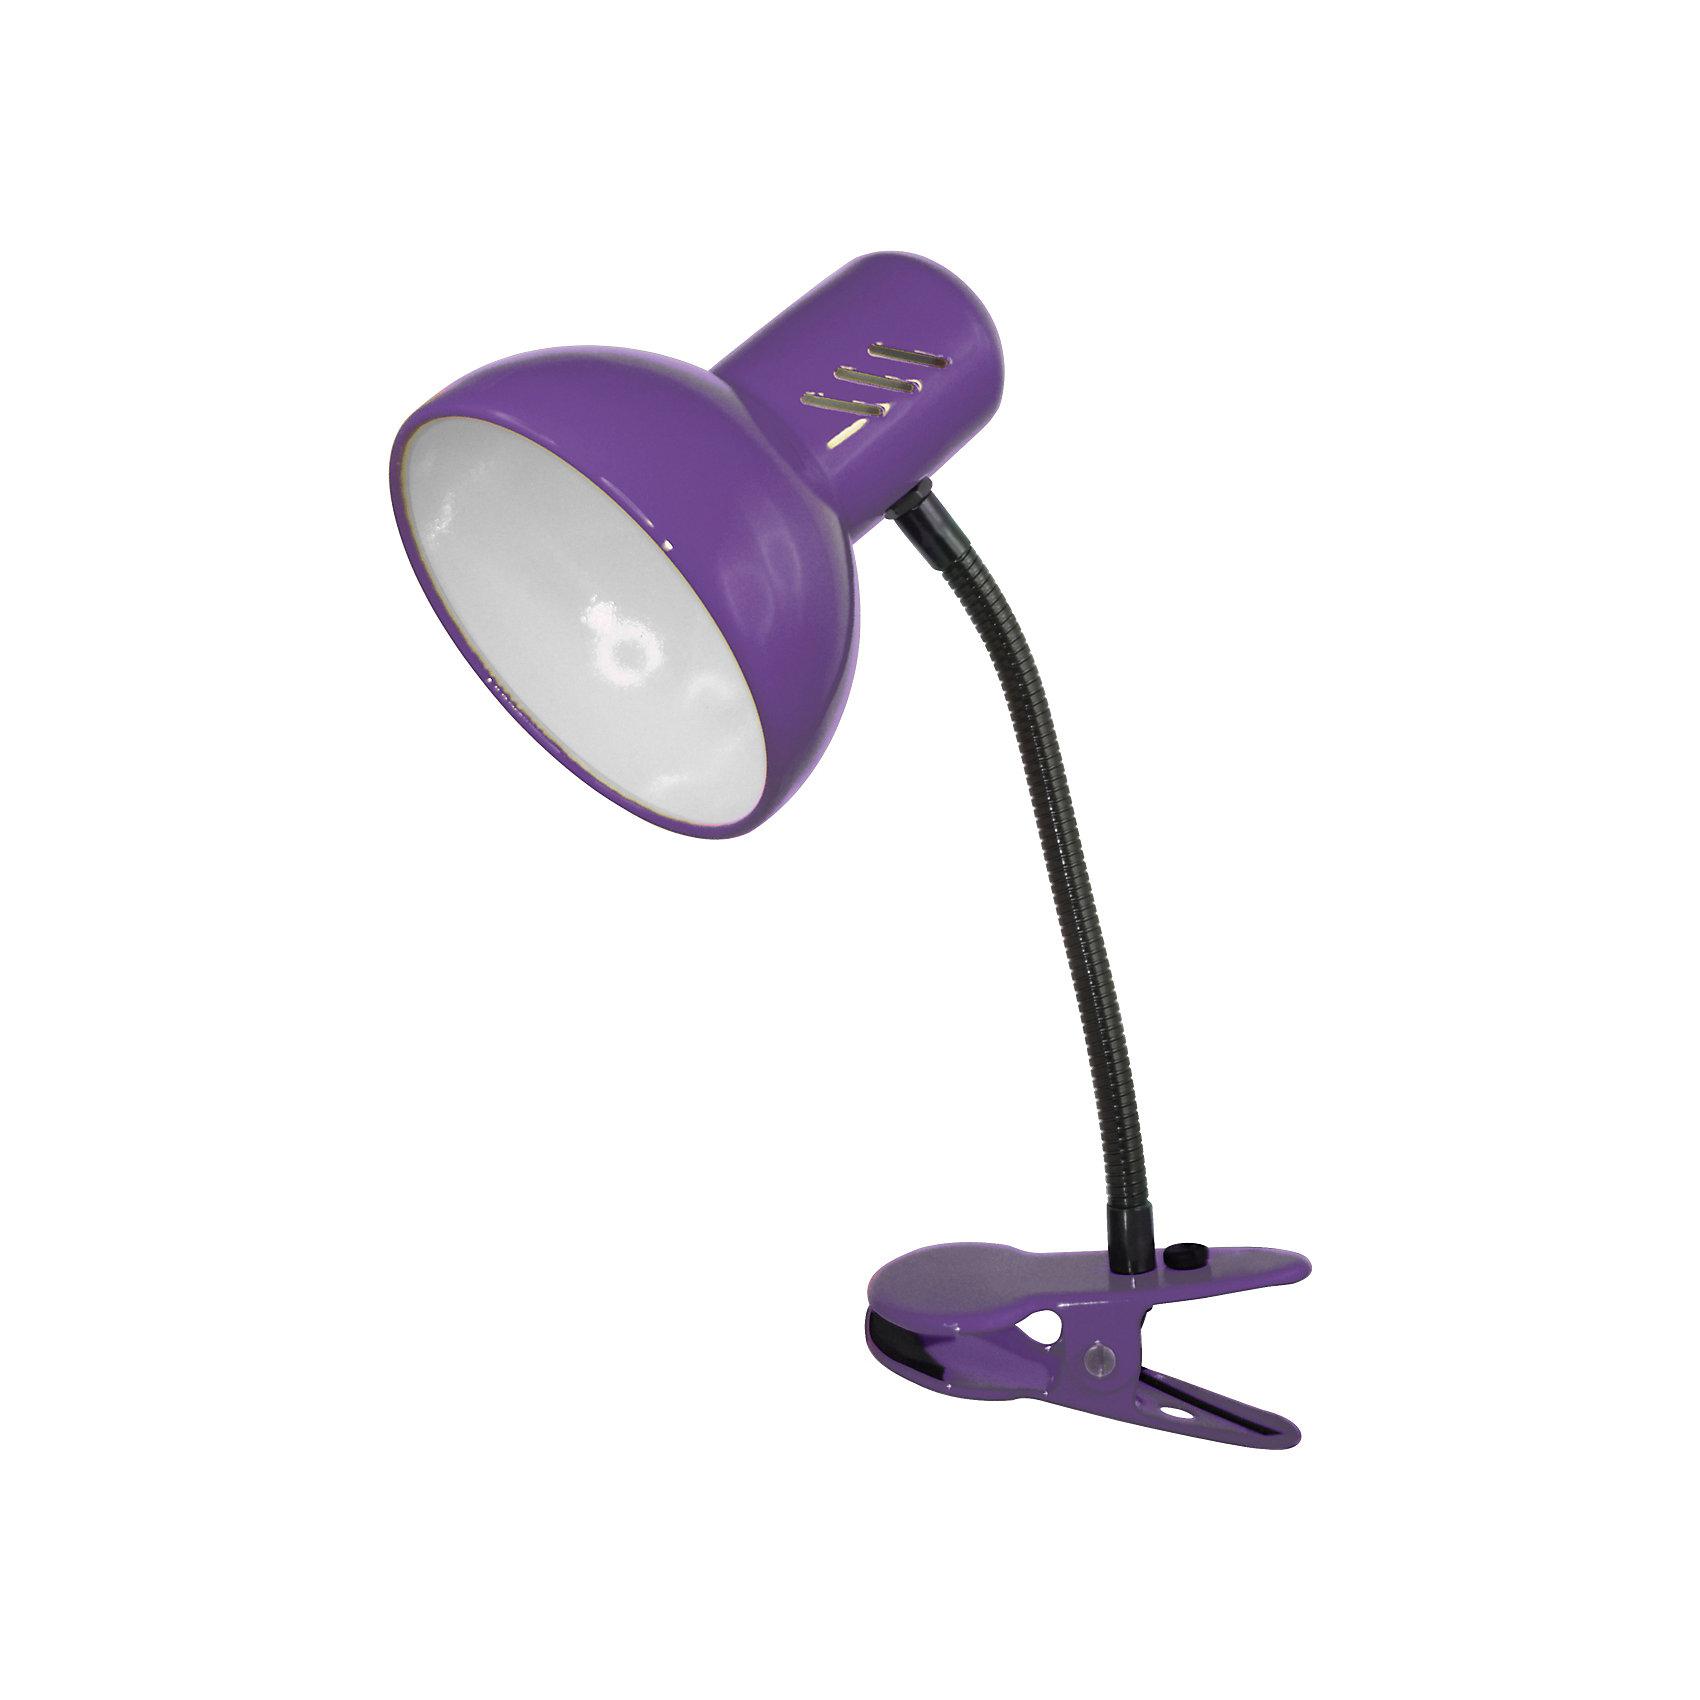 Фиолетовый светильник, 40 ВтФиолетовый светильник, 40 Вт – это классический светильник для освещения рабочего стола.<br>Фиолетовый светильник классического дизайна идеально подойдет для освещения рабочего места дома и в офисе. Светильник крепиться с помощью зажима-прищепки. Плафон изготовлен из облегчённого металла, покрыт специальной устойчивой эмалью. Патрон светильника прочно закреплён, изготовлен из керамики. Сетевой шнур с вилкой длиной 1,8м. имеет двойную изоляцию, не требует заземления. Вилка изготовлена из пластичного материала, предотвращающего появление трещин. Светильник удобен и практичен в использовании.<br><br>Дополнительная информация: <br><br>- Материал плафона: металл<br>- Цвет: фиолетовый<br>- Питание: от сети 220В<br>- Тип цоколя: E27<br>- Мощность лампы: 40 Вт<br>- Длина шнура питания с вилкой: 1,8 м.<br>- Размер светильника: 17х22,5х12,5 см.<br>- Размер упаковки: 24х16х14 см.<br>- Вес: 642 гр.<br><br>Фиолетовый светильник, 40 Вт можно купить в нашем интернет-магазине.<br><br>Ширина мм: 240<br>Глубина мм: 160<br>Высота мм: 140<br>Вес г: 642<br>Возраст от месяцев: 36<br>Возраст до месяцев: 192<br>Пол: Унисекс<br>Возраст: Детский<br>SKU: 4641477